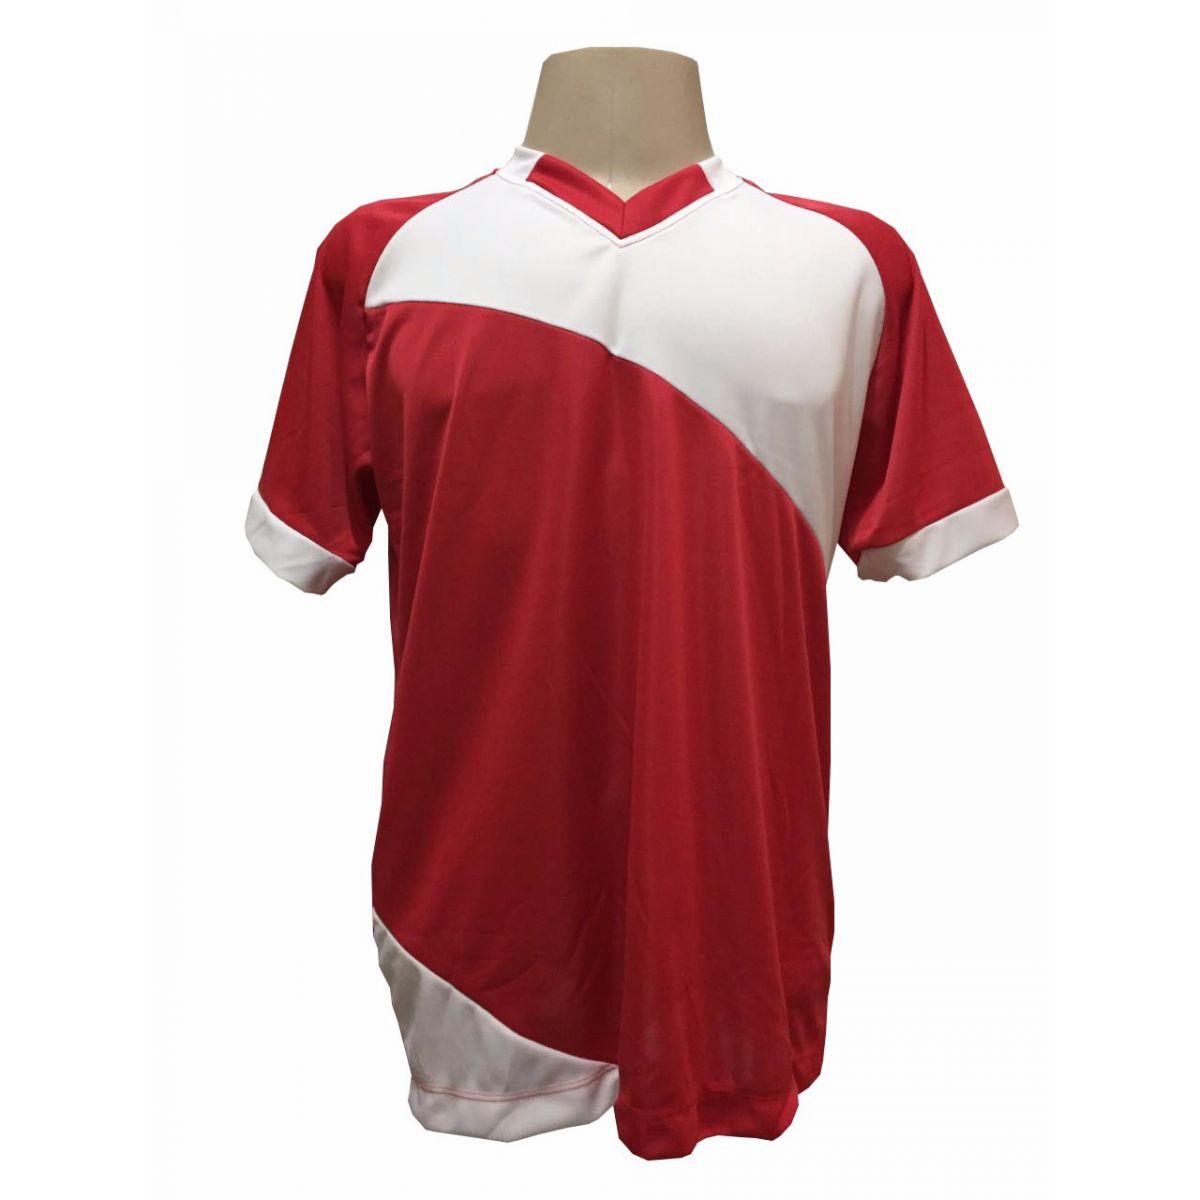 Fardamento Completo modelo Bélgica 20+1 (20 camisas Vermelho/Branco + 20 calções modelo Madrid Branco + 20 pares de meiões Branco + 1 conjunto de goleiro) + Brindes